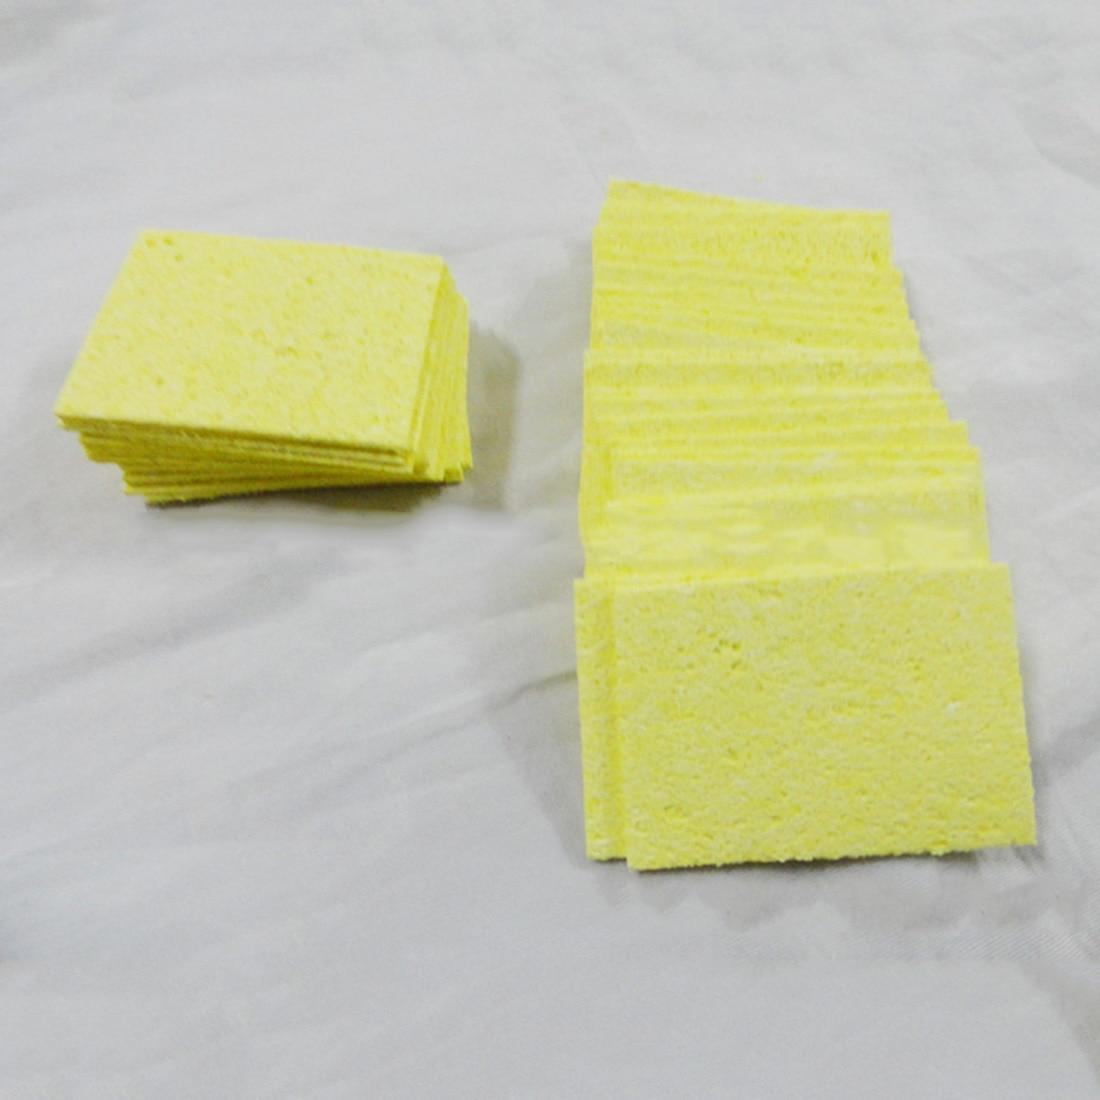 Temperature Foam Rubber Cleaning Sponge Soldering Welding Sponge Heatstable